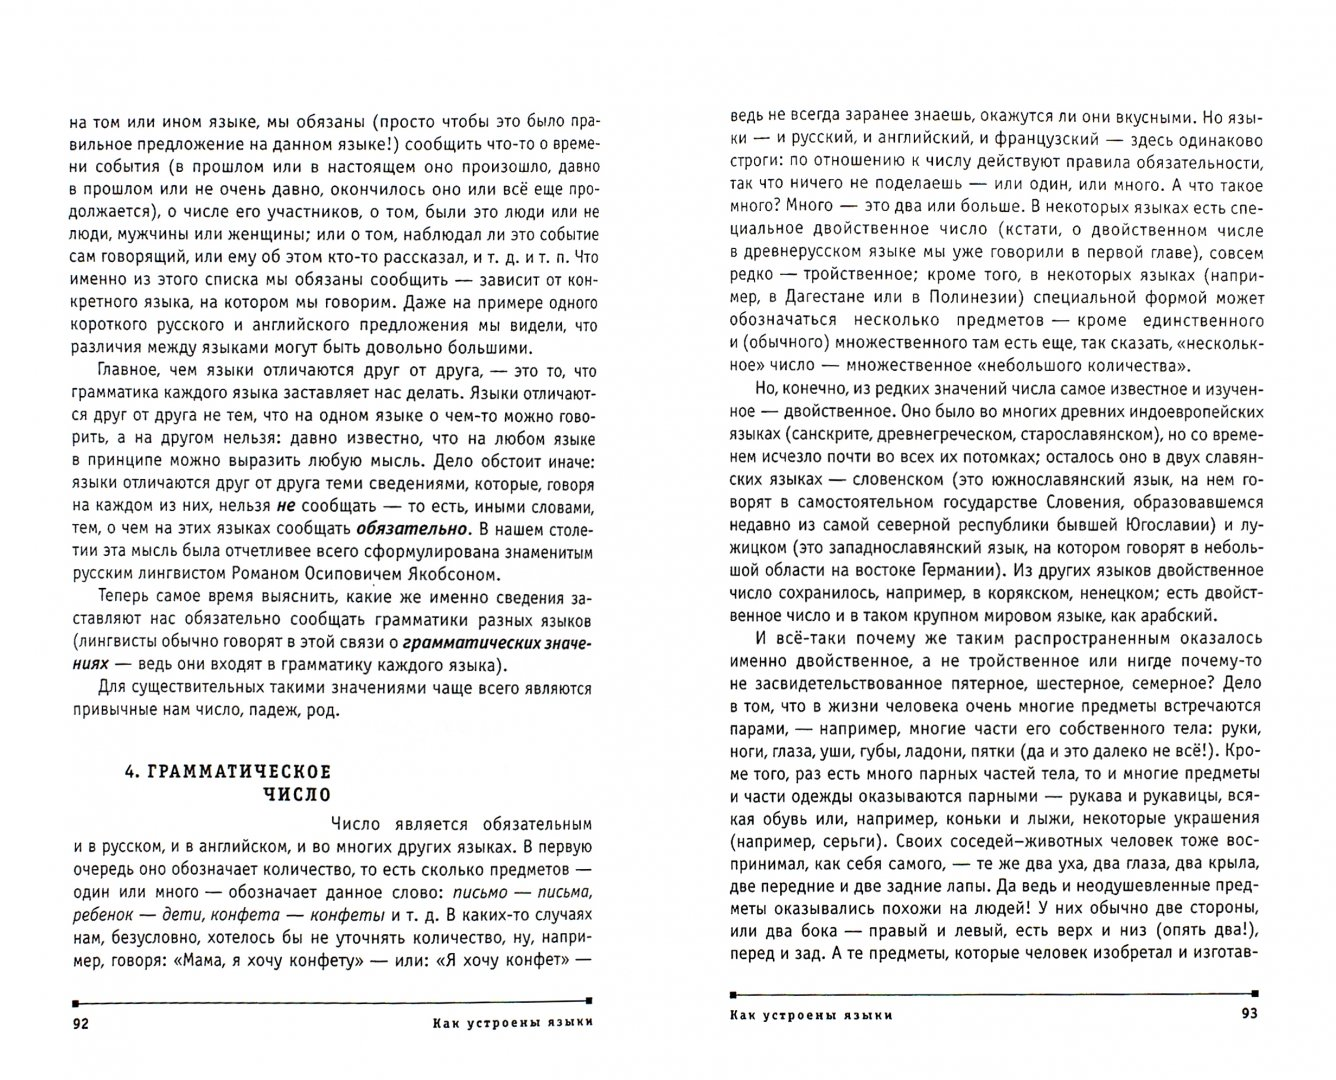 Иллюстрация 1 из 29 для Почему языки такие разные. Популярная лингвистика - Владимир Плунгян | Лабиринт - книги. Источник: Лабиринт